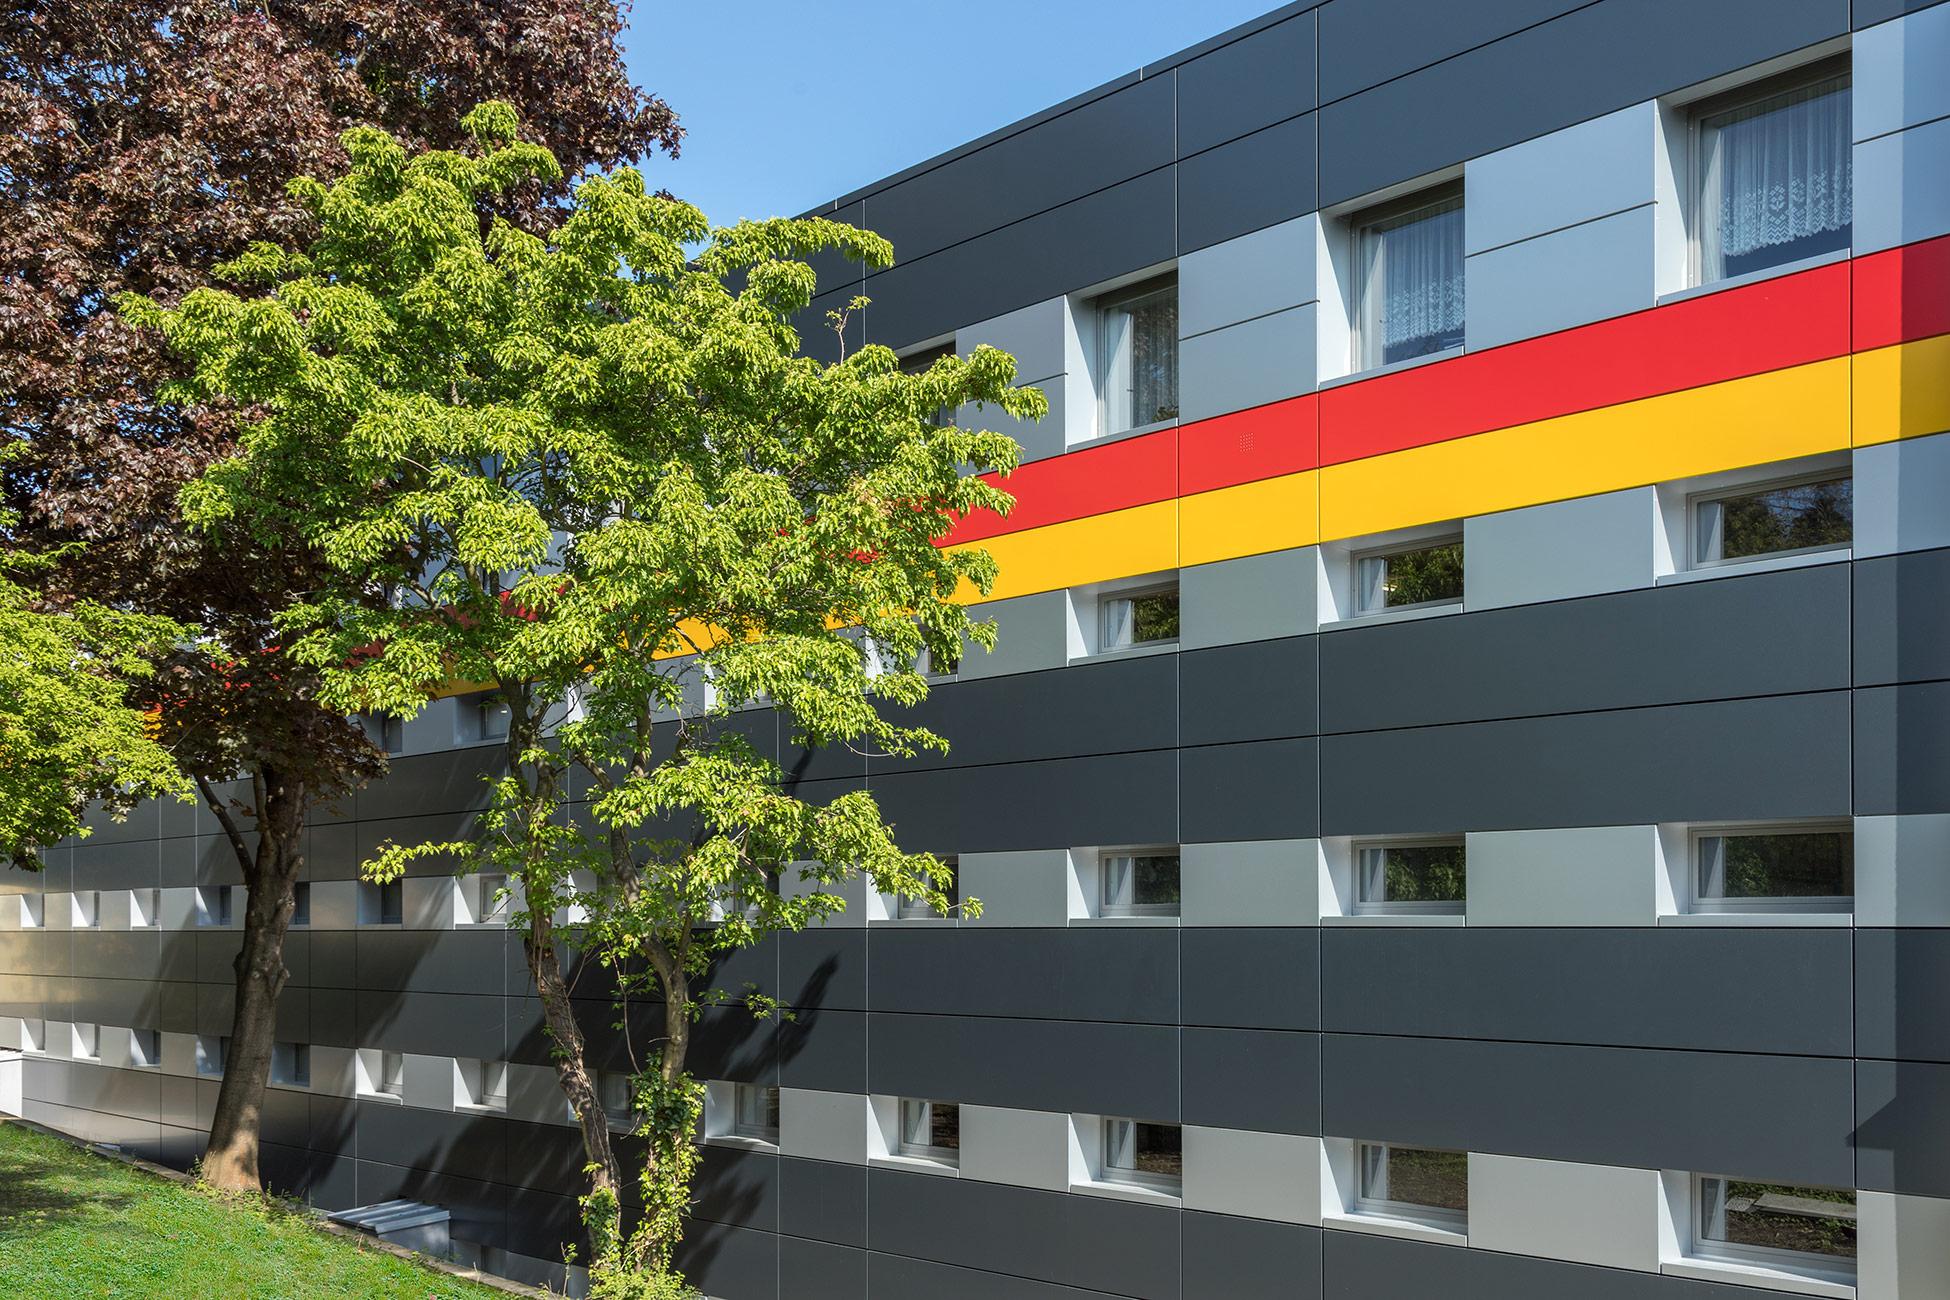 Rathmanner Dach- und Fassadentechnik, Neutal, Projekt Landesarchiv Burgenland, Eisenstadt